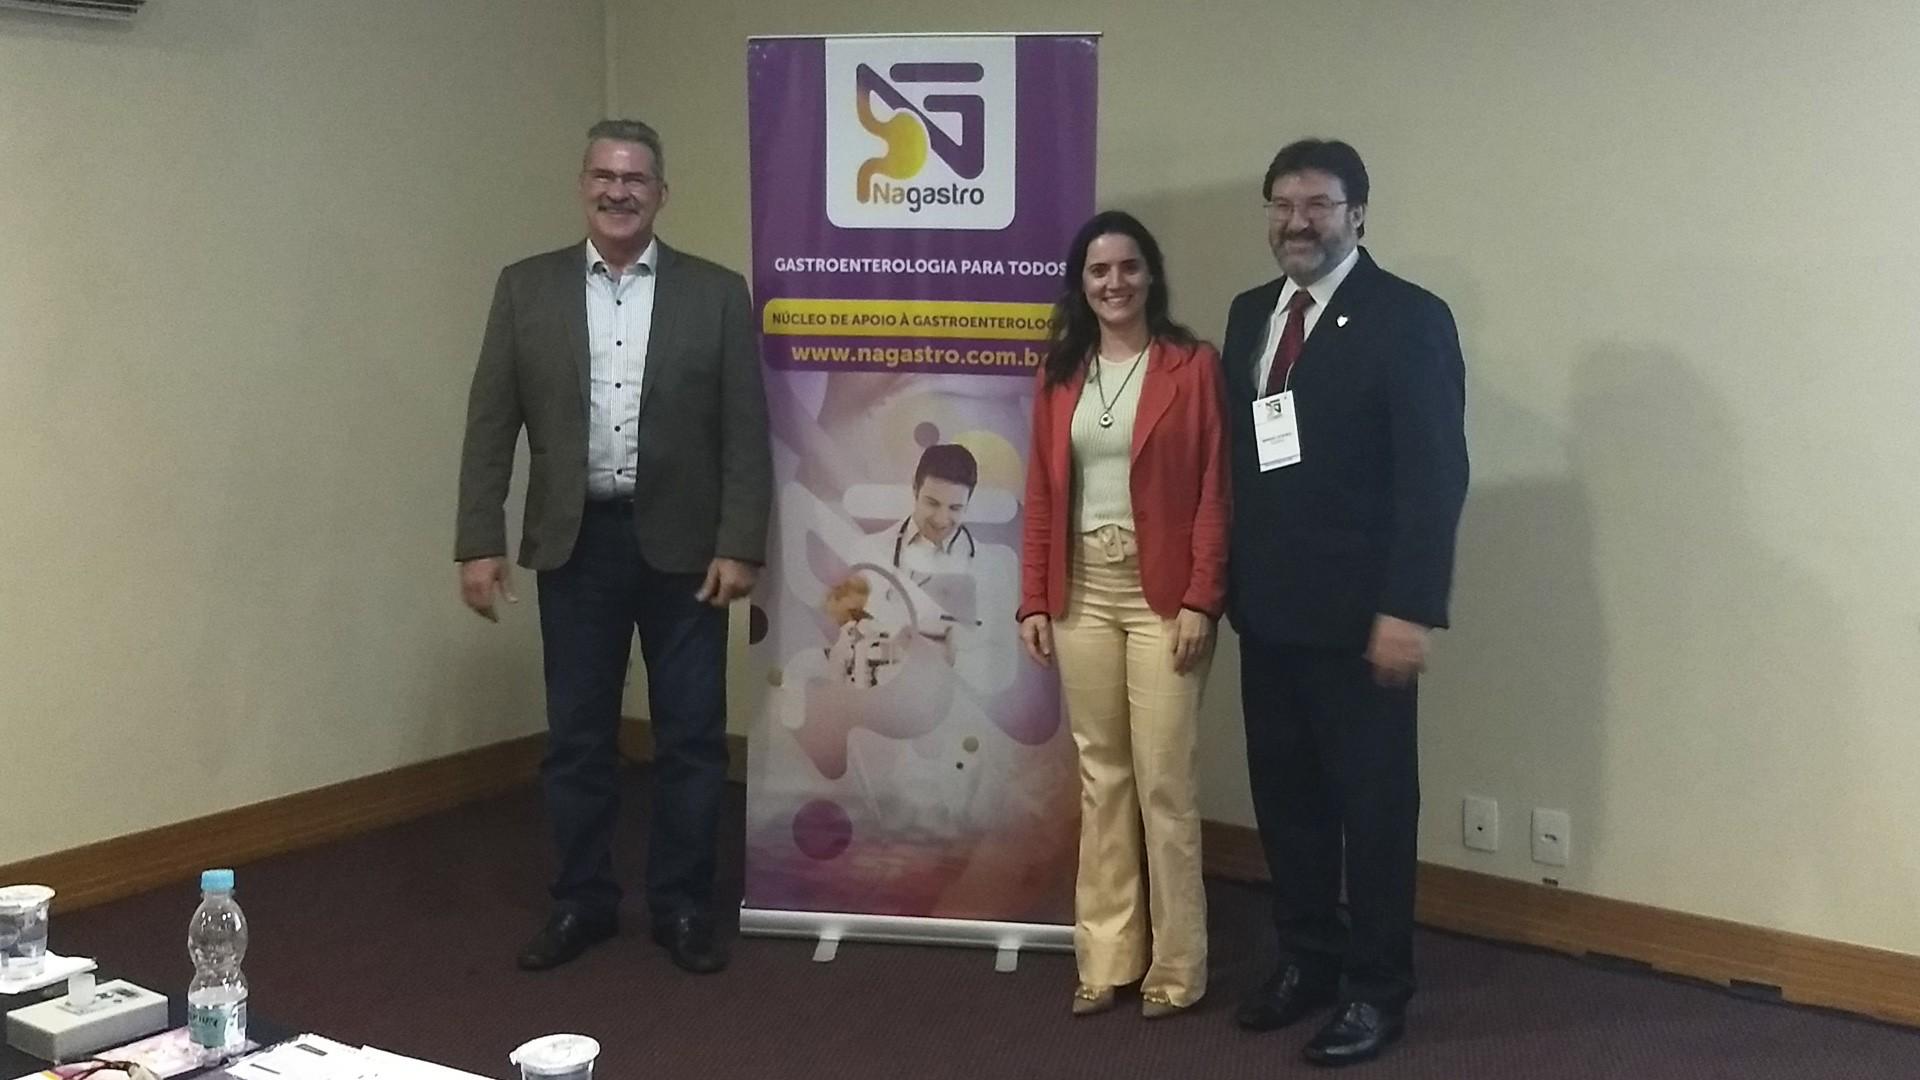 Prof. Tomás Navarro, Profa. Nayara e Sr. Manoel Soares.